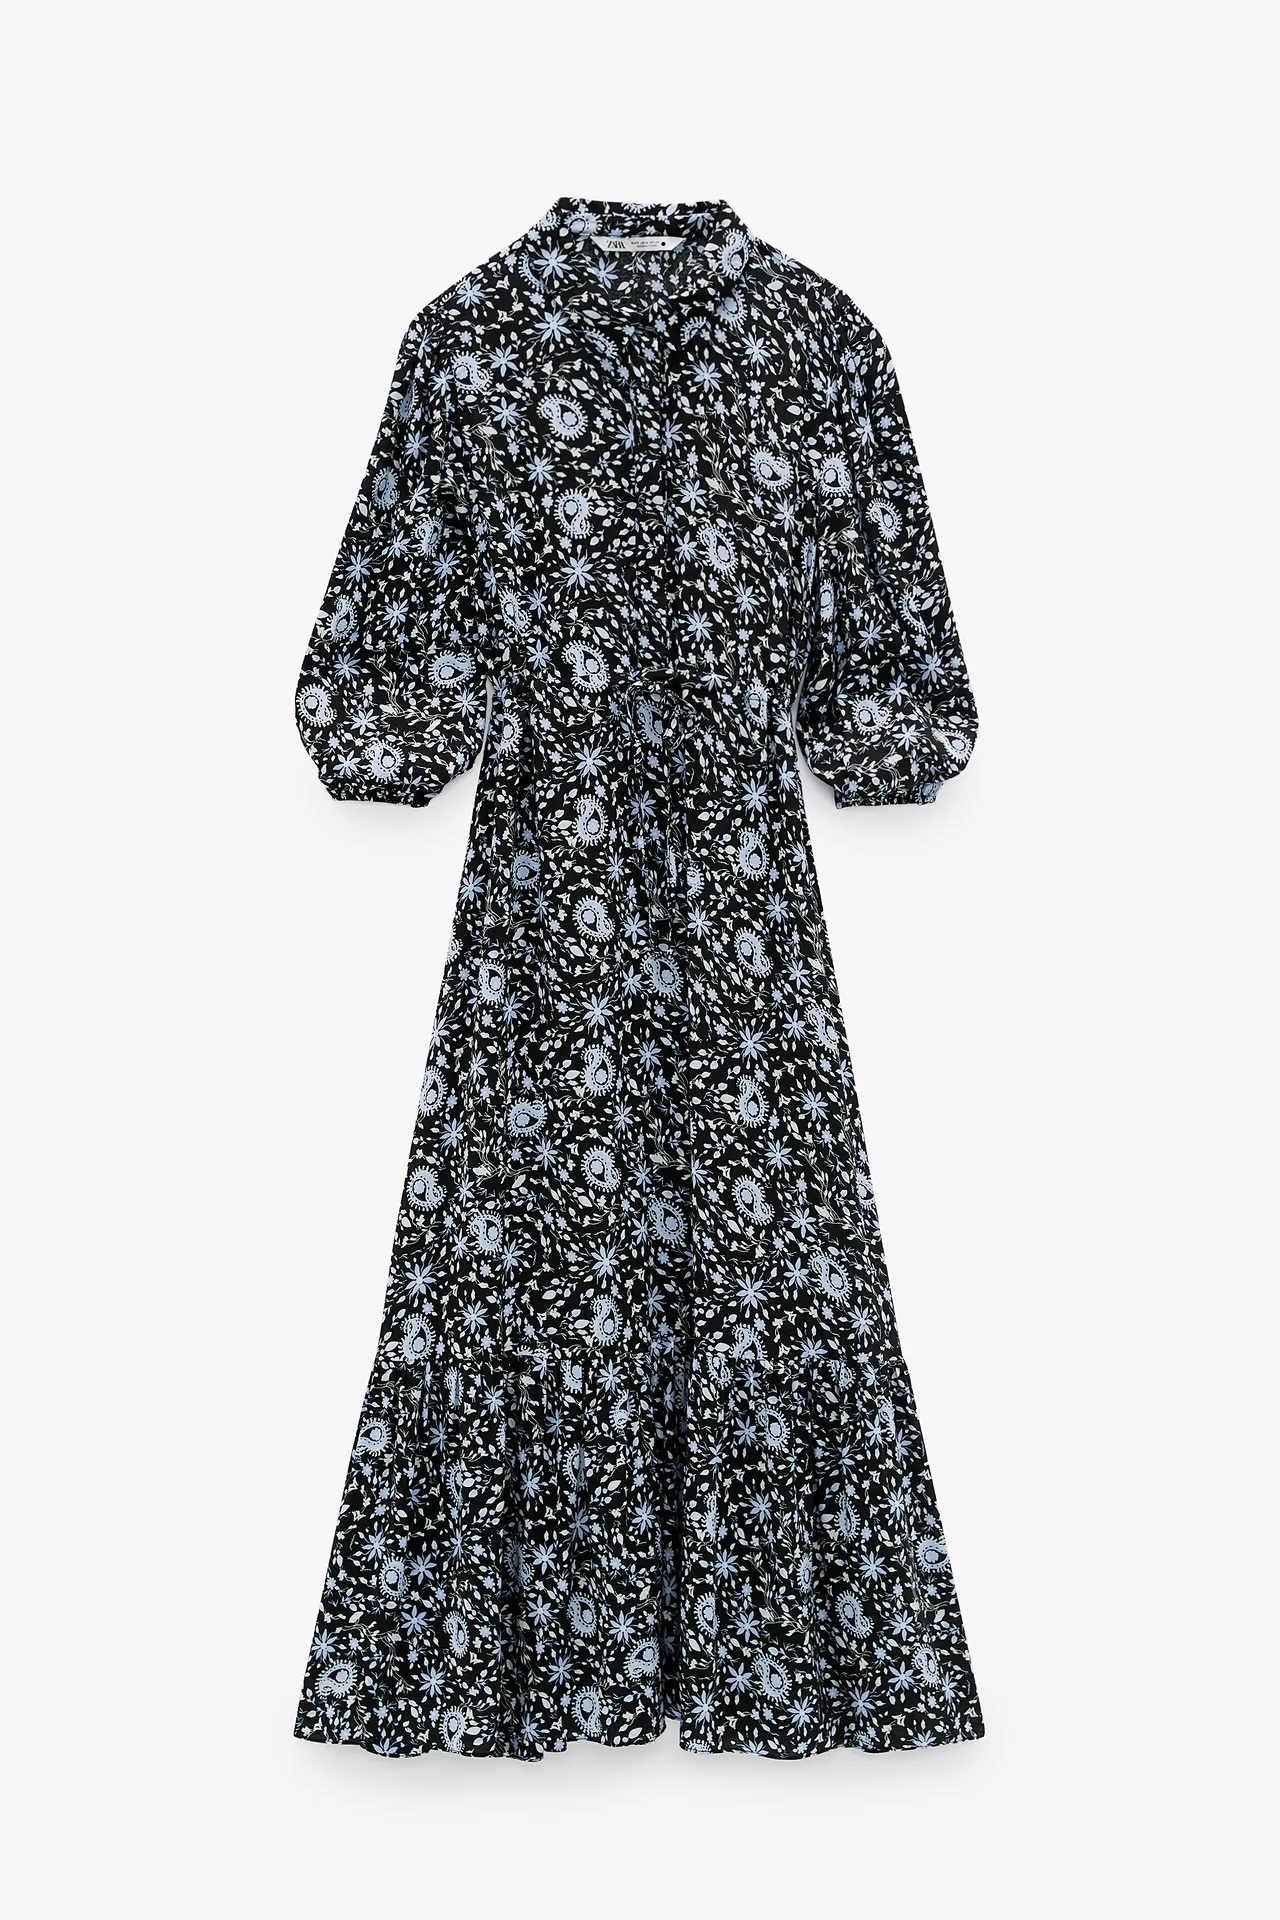 Segundas Rebajas de Zara: 7 vestidos midi con grandes descuentos